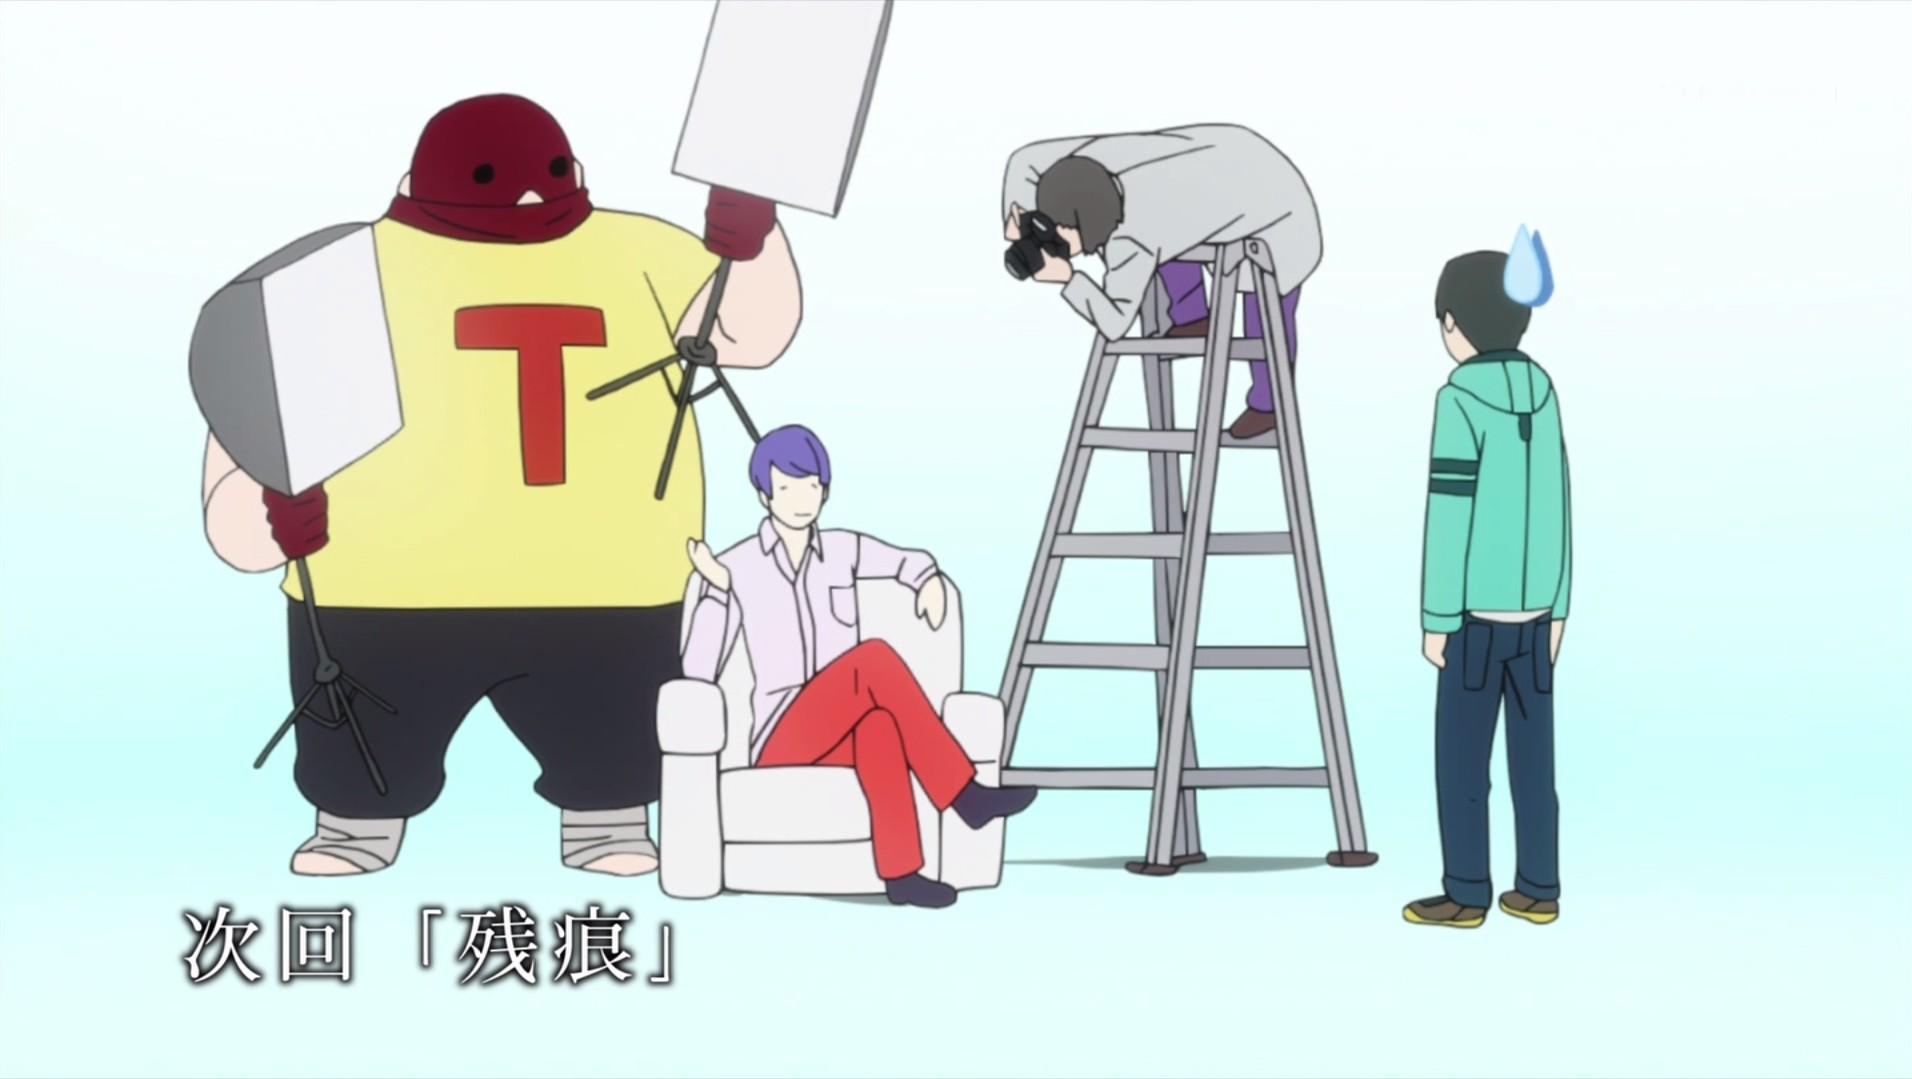 東京喰種 トーキョーグール 4話 次回予告 7